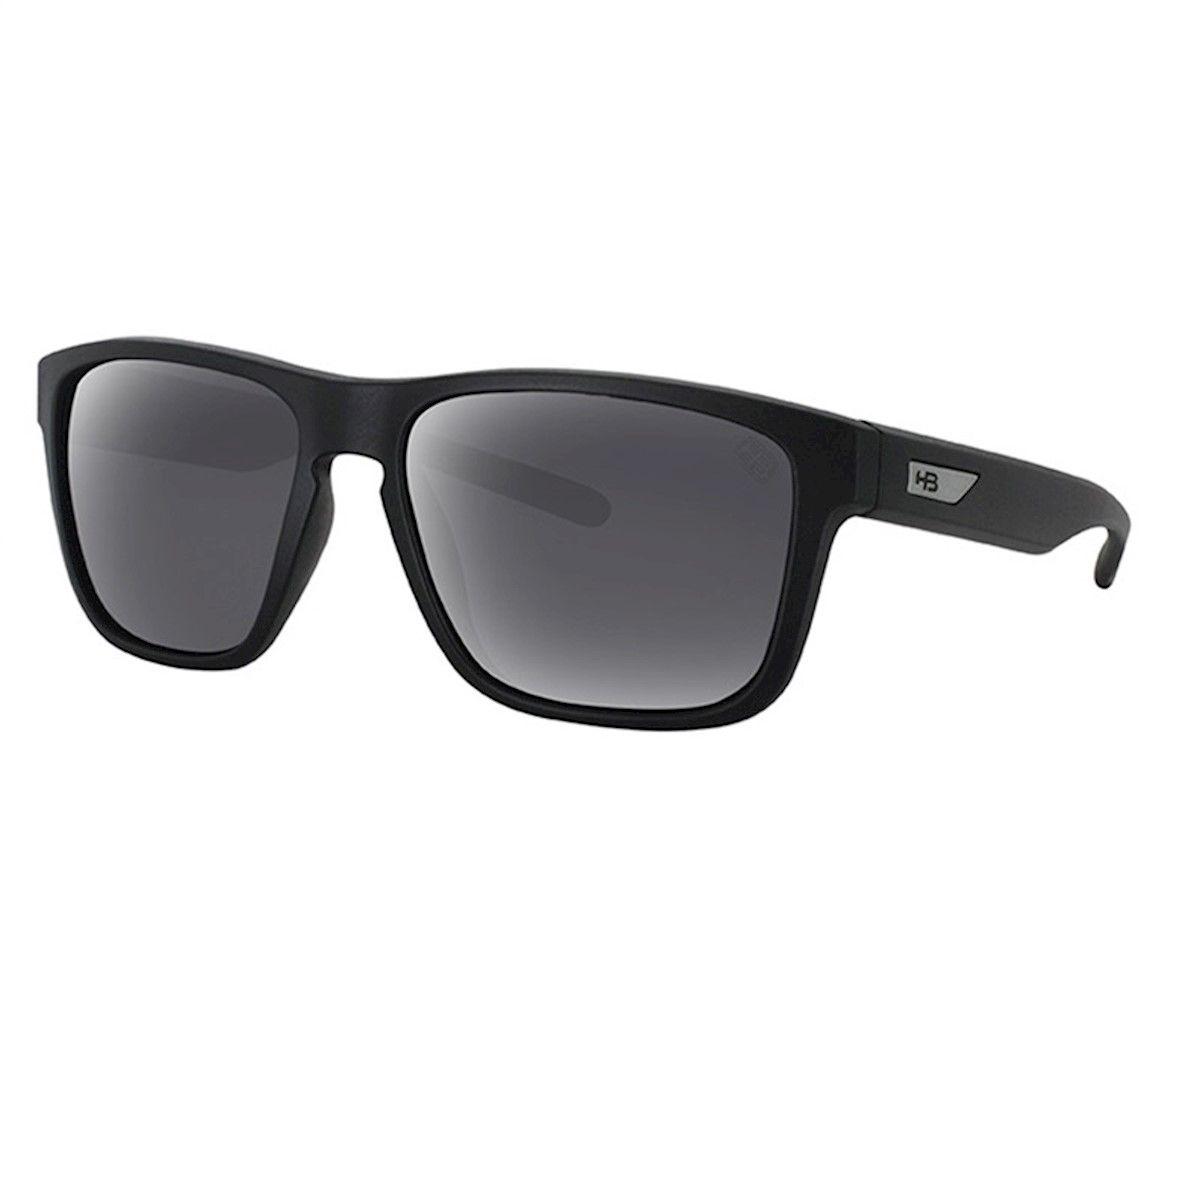 Óculos de sol HB Stab Matte Black Gray